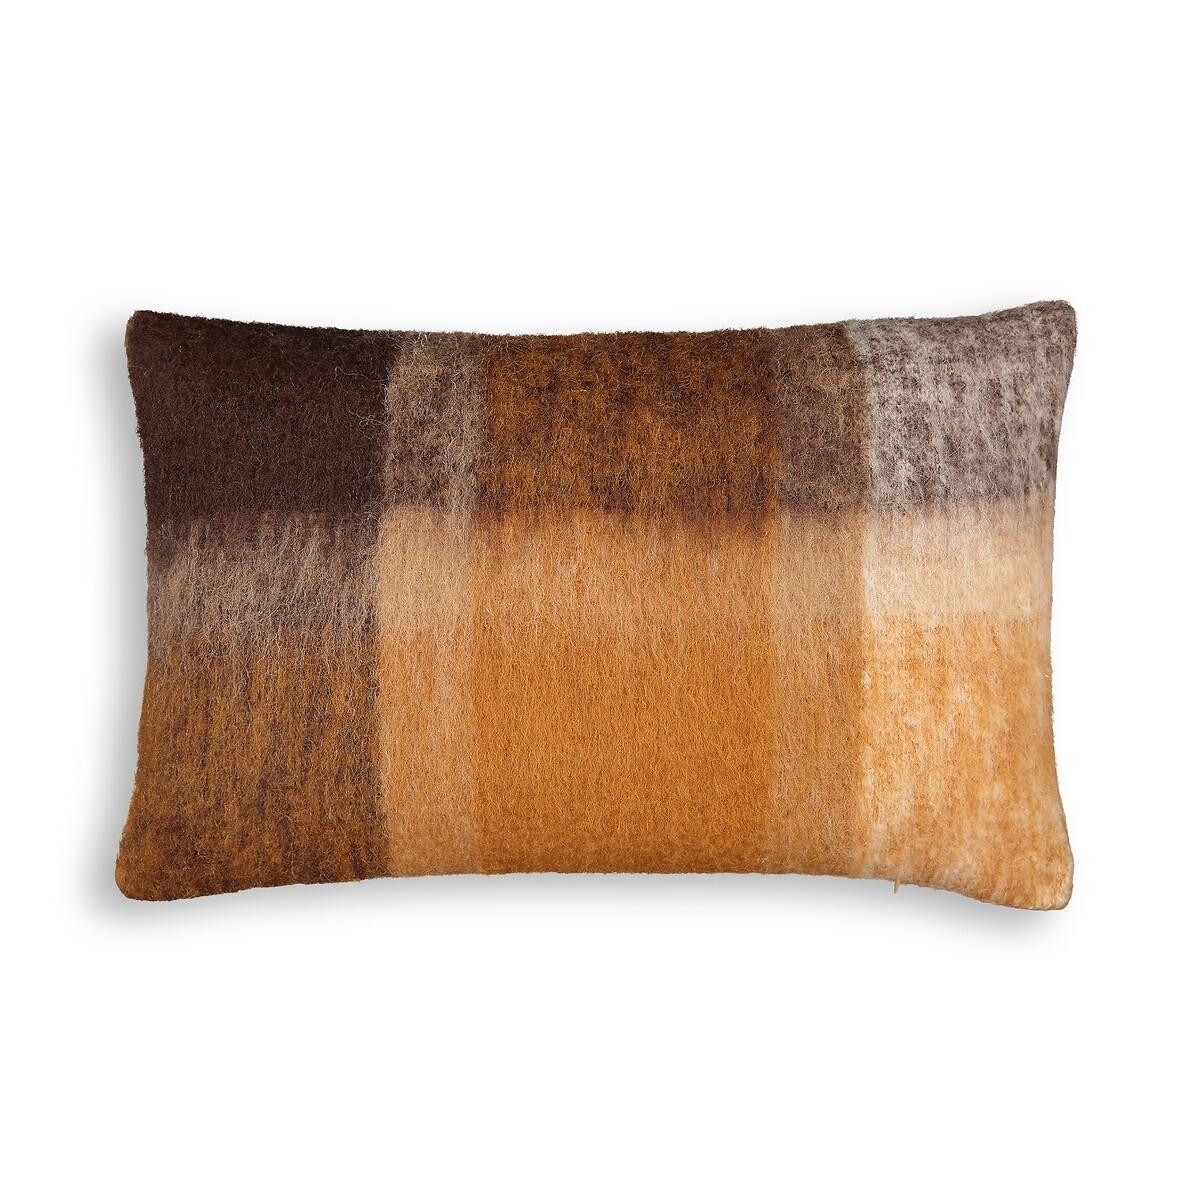 Чехол LaRedoute На подушку из шерсти Asama 60 x 40 см каштановый